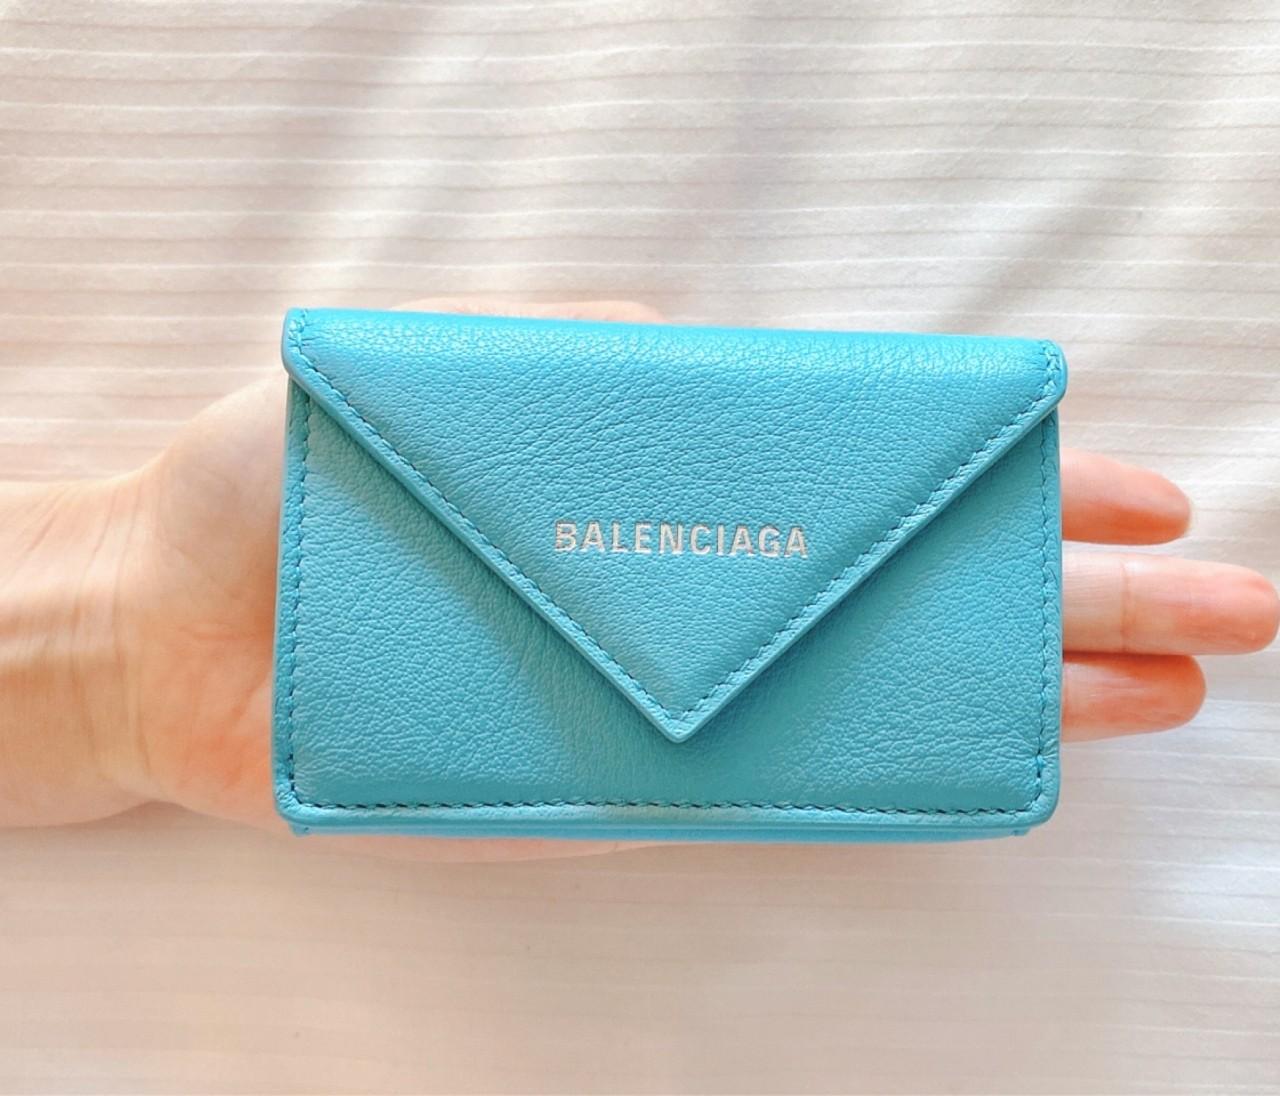 キャッシュレスな私♡BALENCIAGAのミニ財布